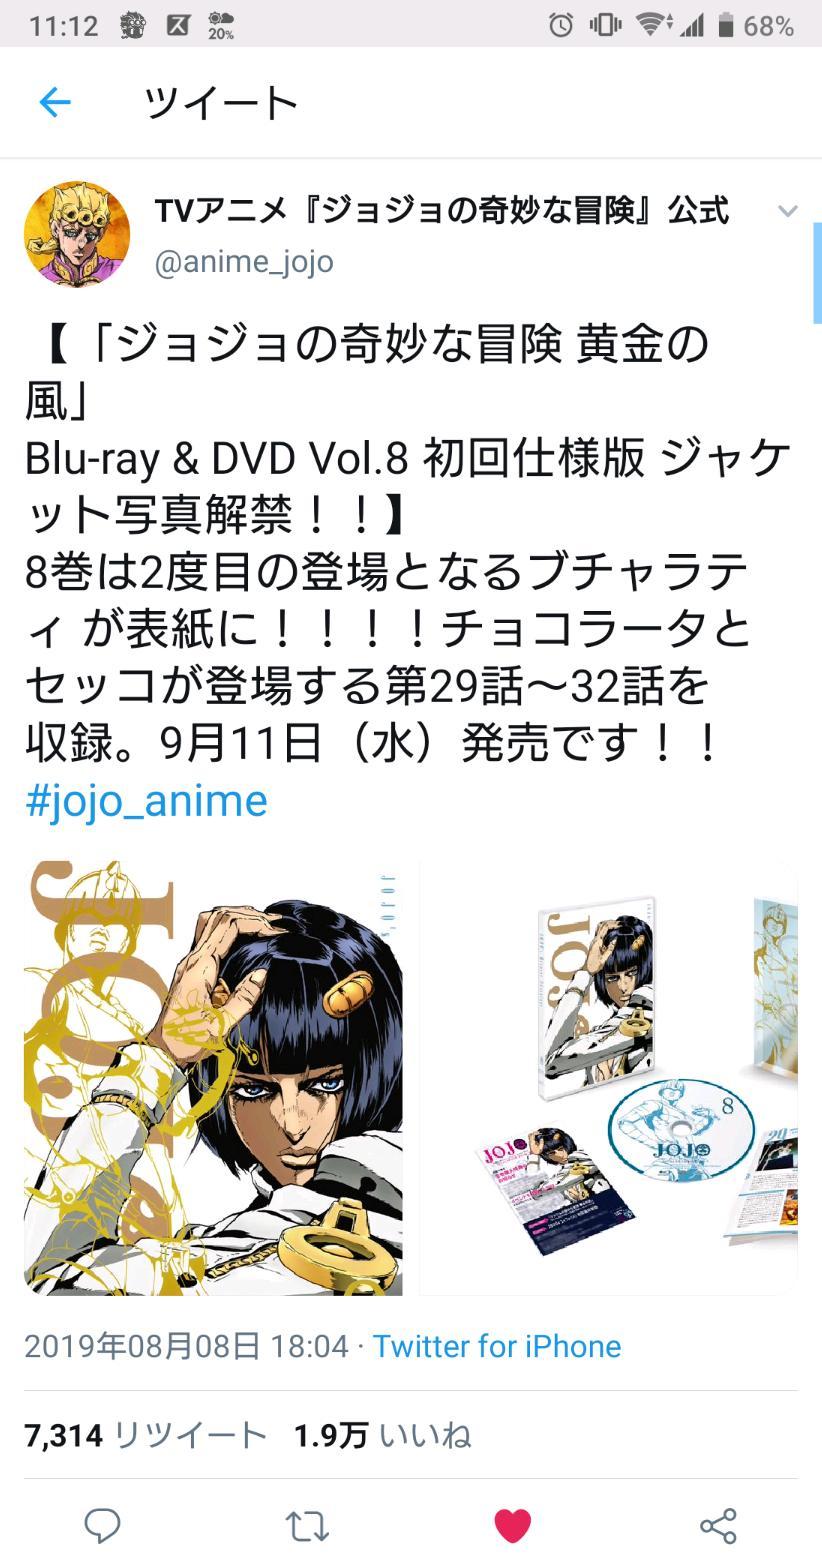 ジョジョの奇妙な冒険 黄金の風 Blu,ray \u0026 DVD Vol.8 のイラスト